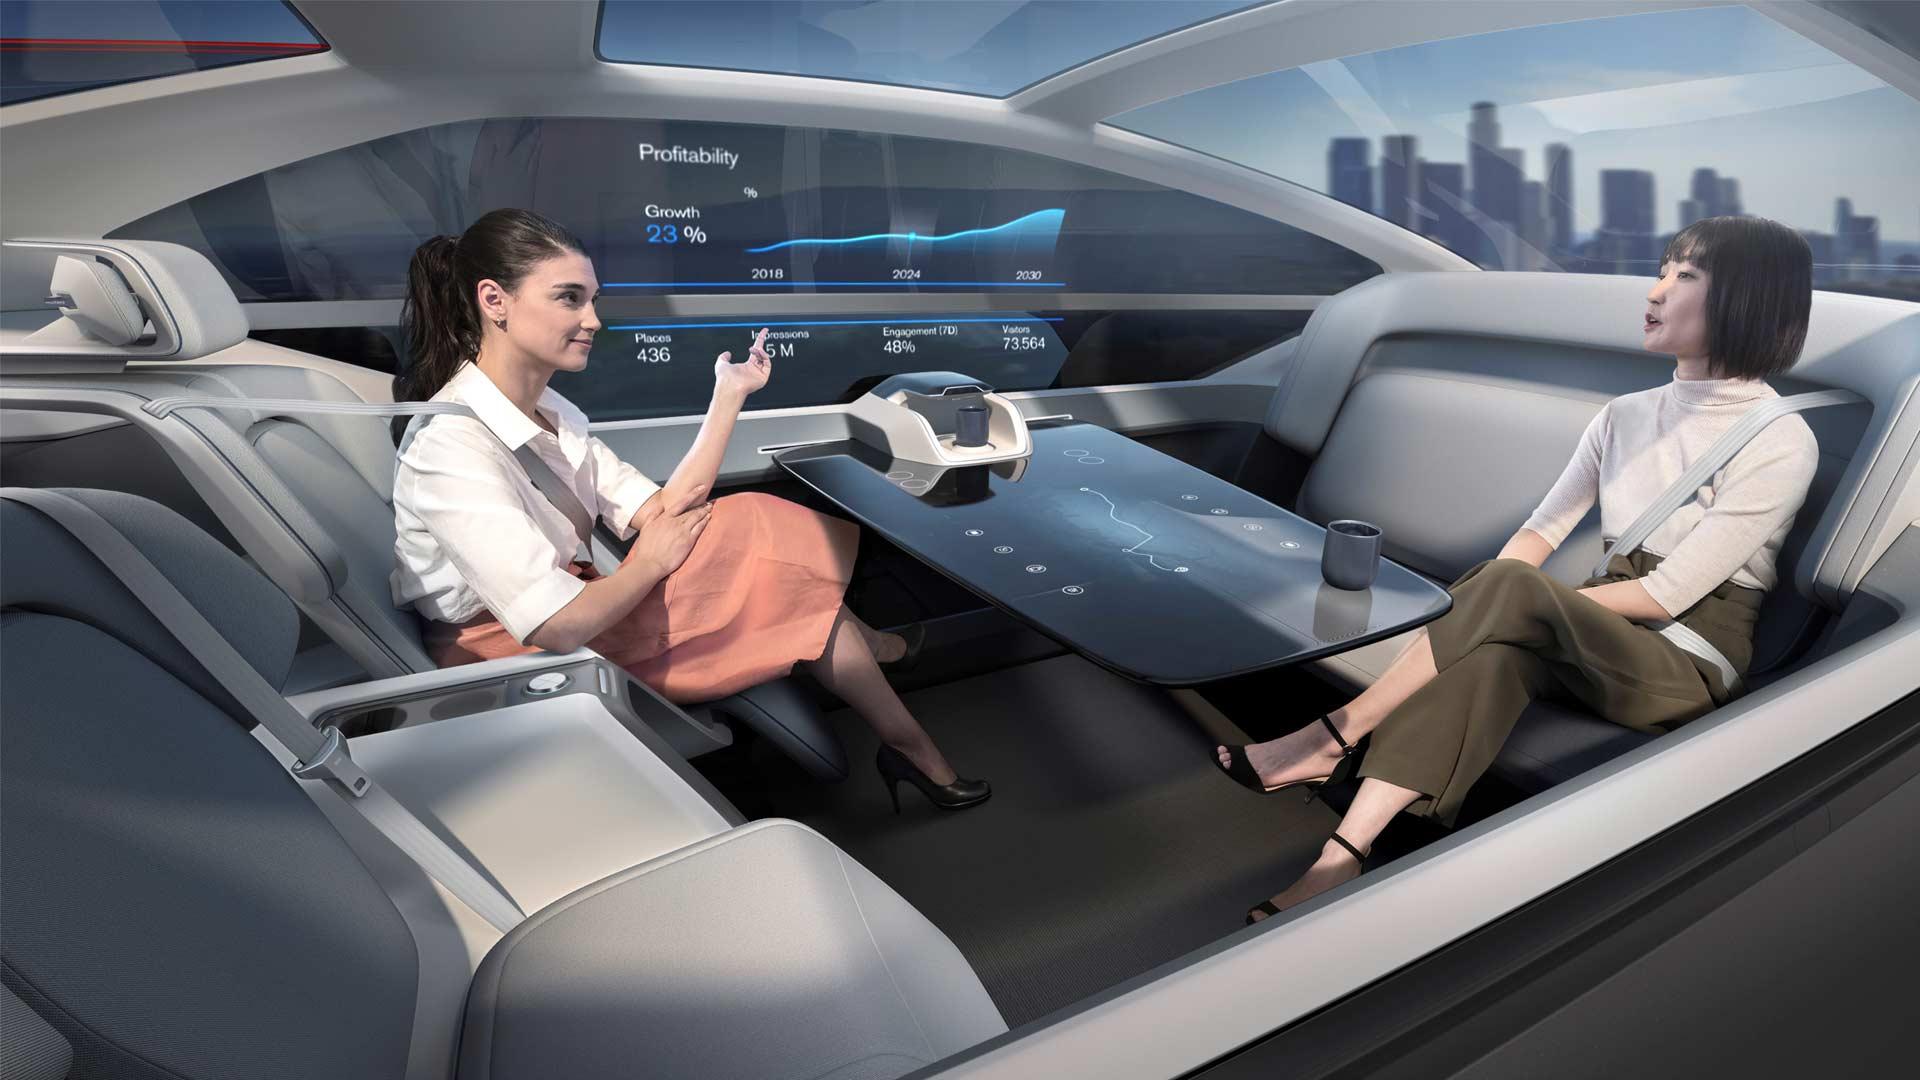 Volvo-360c-autonomous-concept-interior